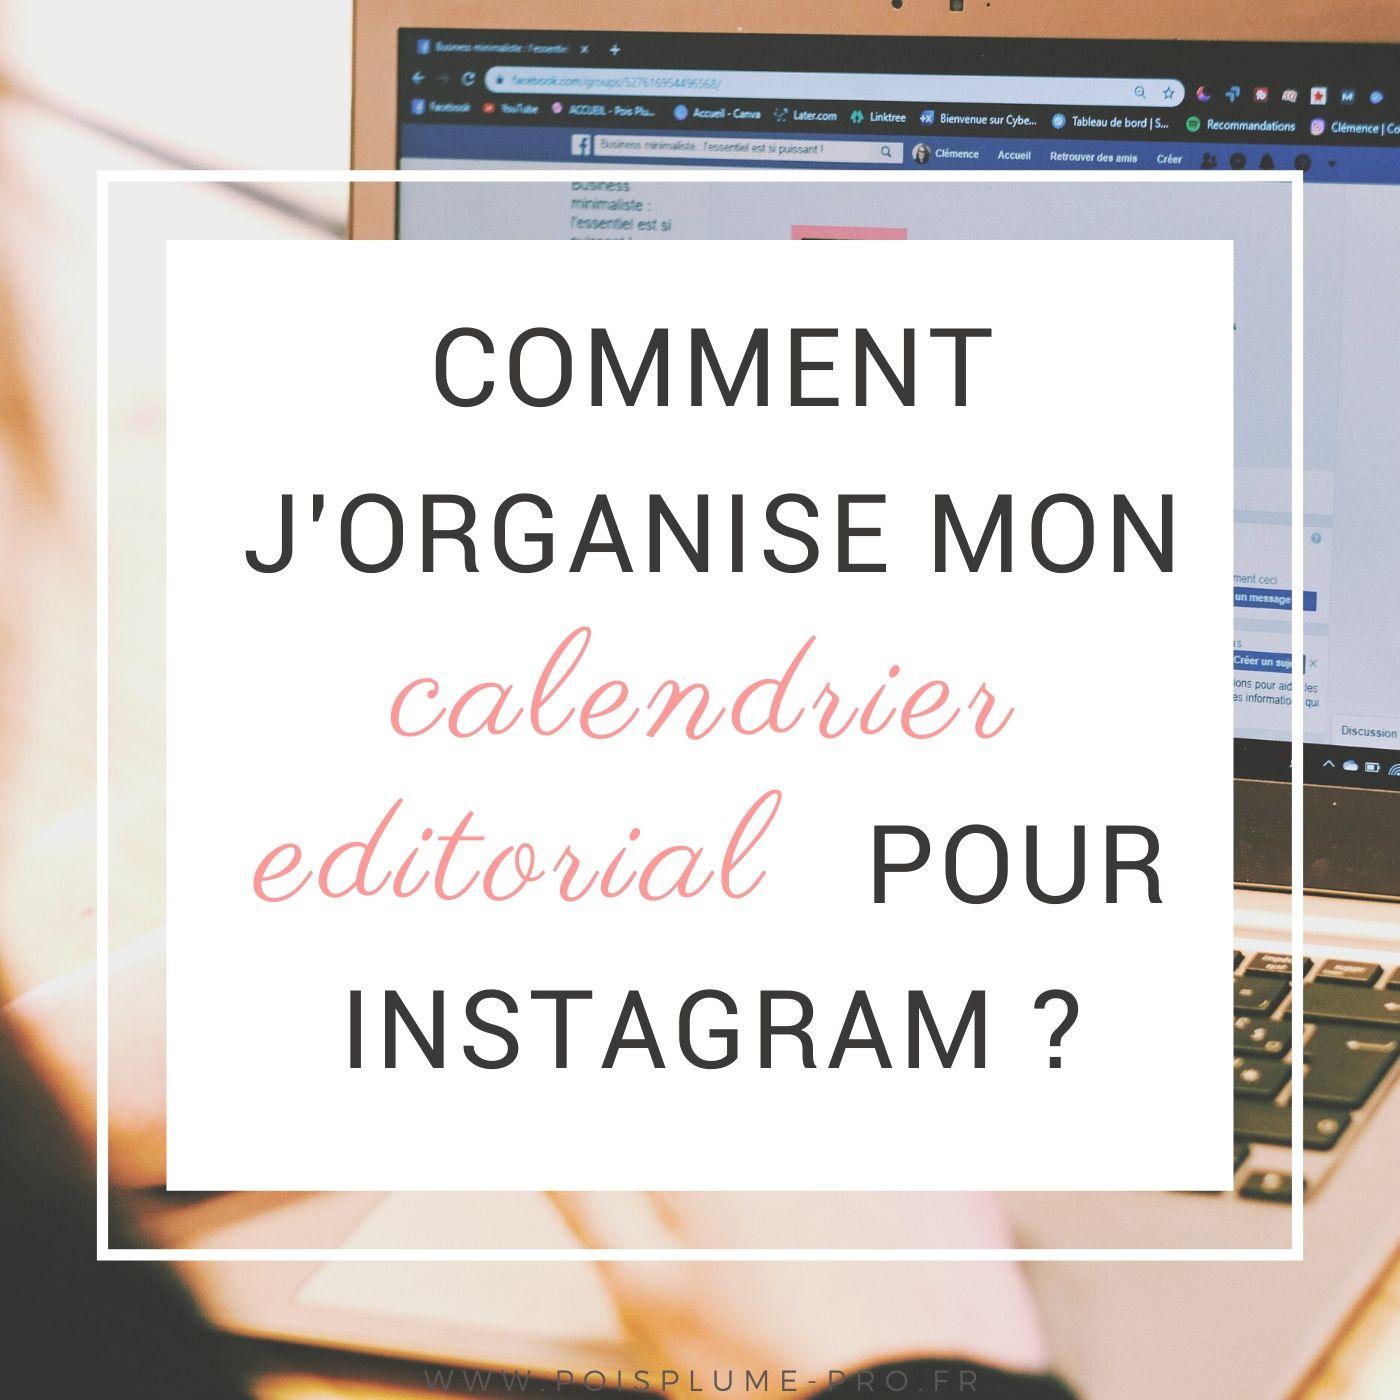 Comment j'organise mon calendrier editorial pour instagram (2)